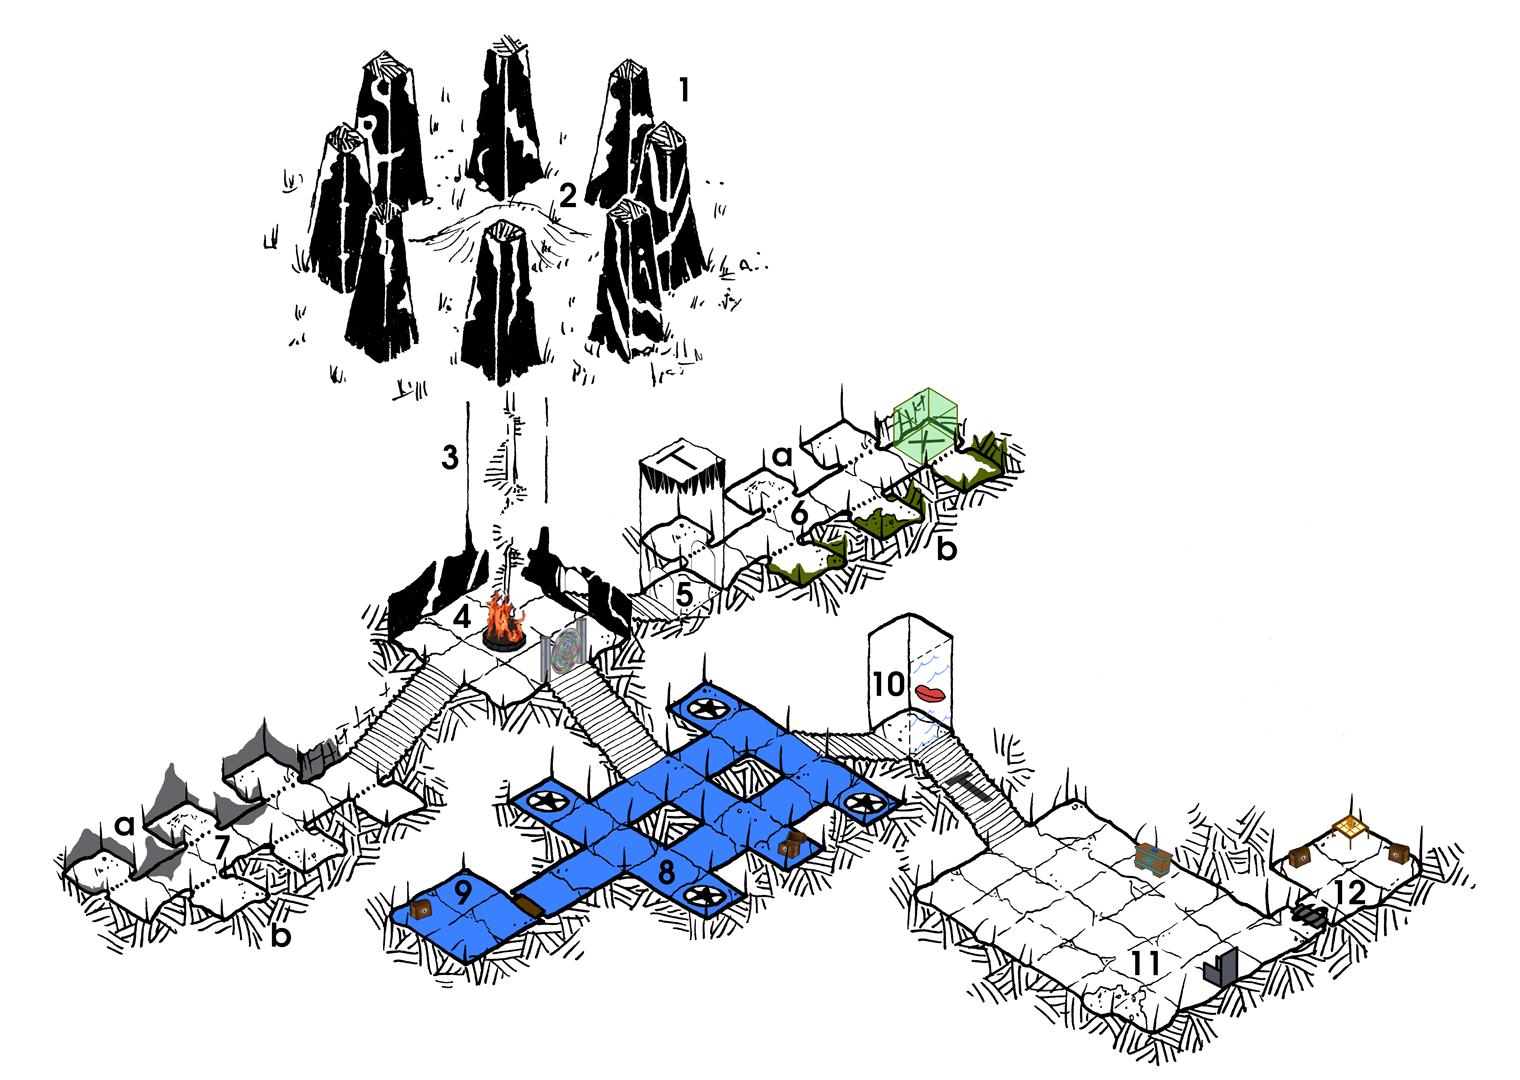 SG4_maps